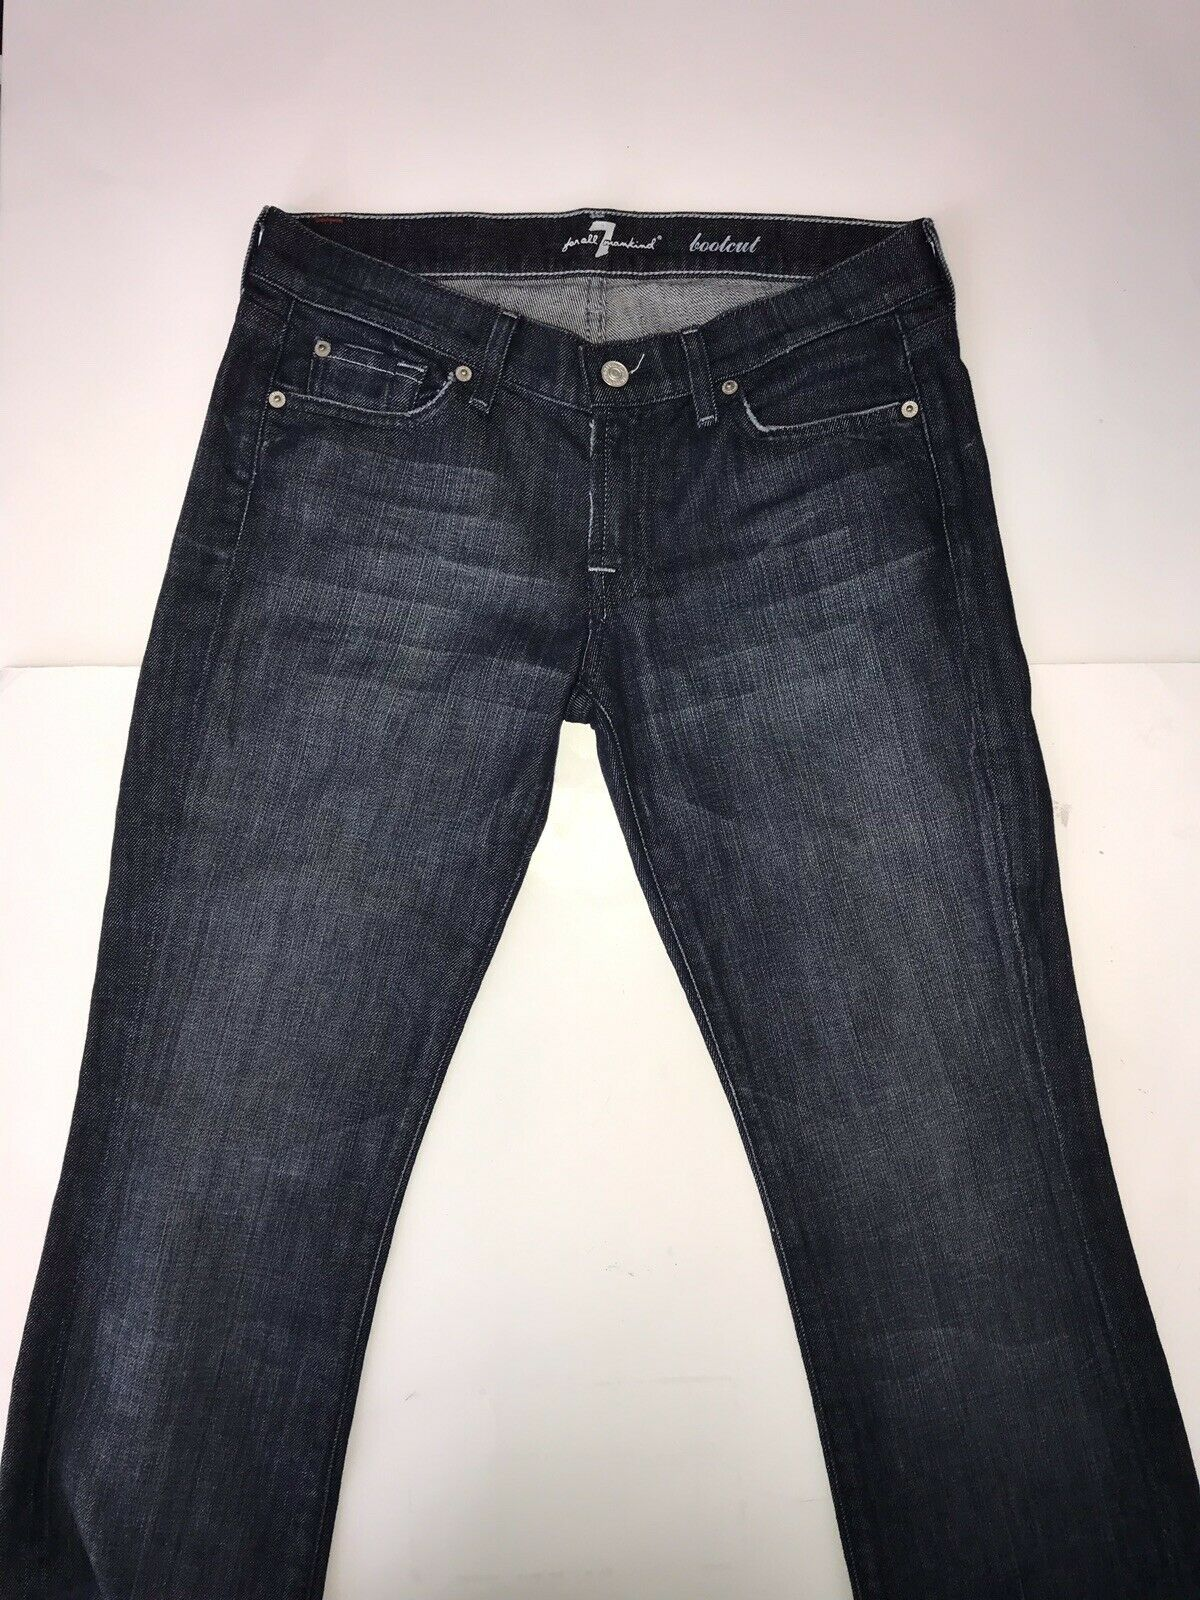 7 for all Mankind 29 x 34 Dark bluee Rinse U075j080u Boot Cut Jeans